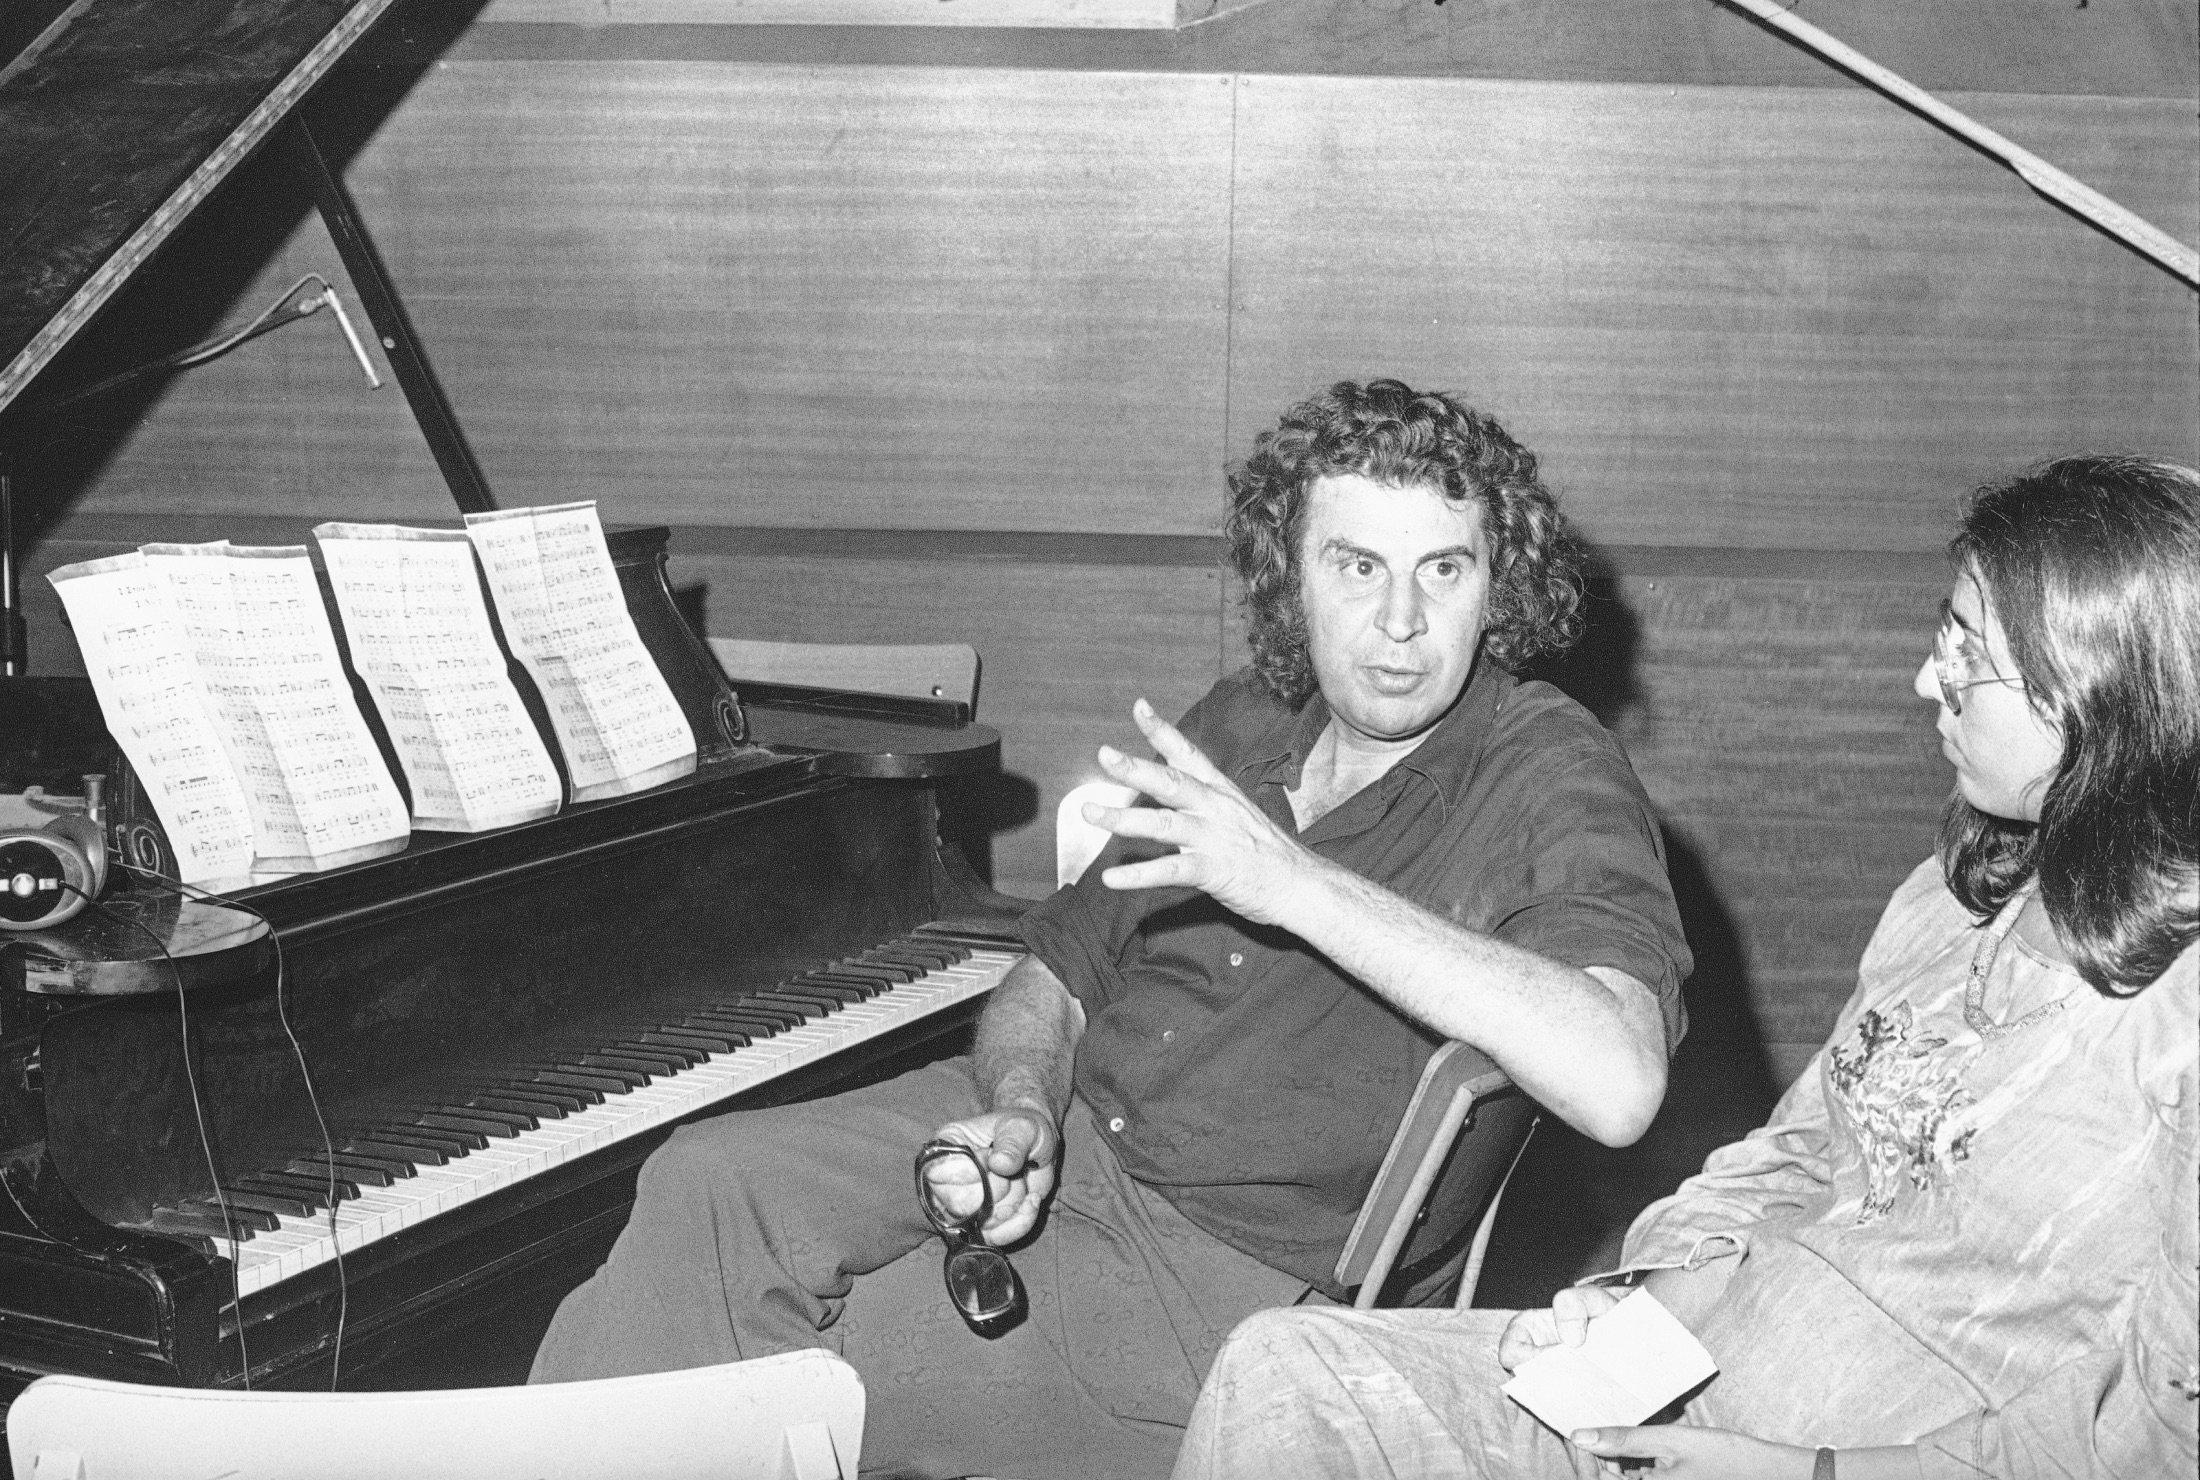 Greek composer Mikis Theodorakis (C) talks with Greece's top singer Maria Farandouri during a break at the Athens recording studio, Athens, Greece, Aug. 21, 1974. (AP Photo)